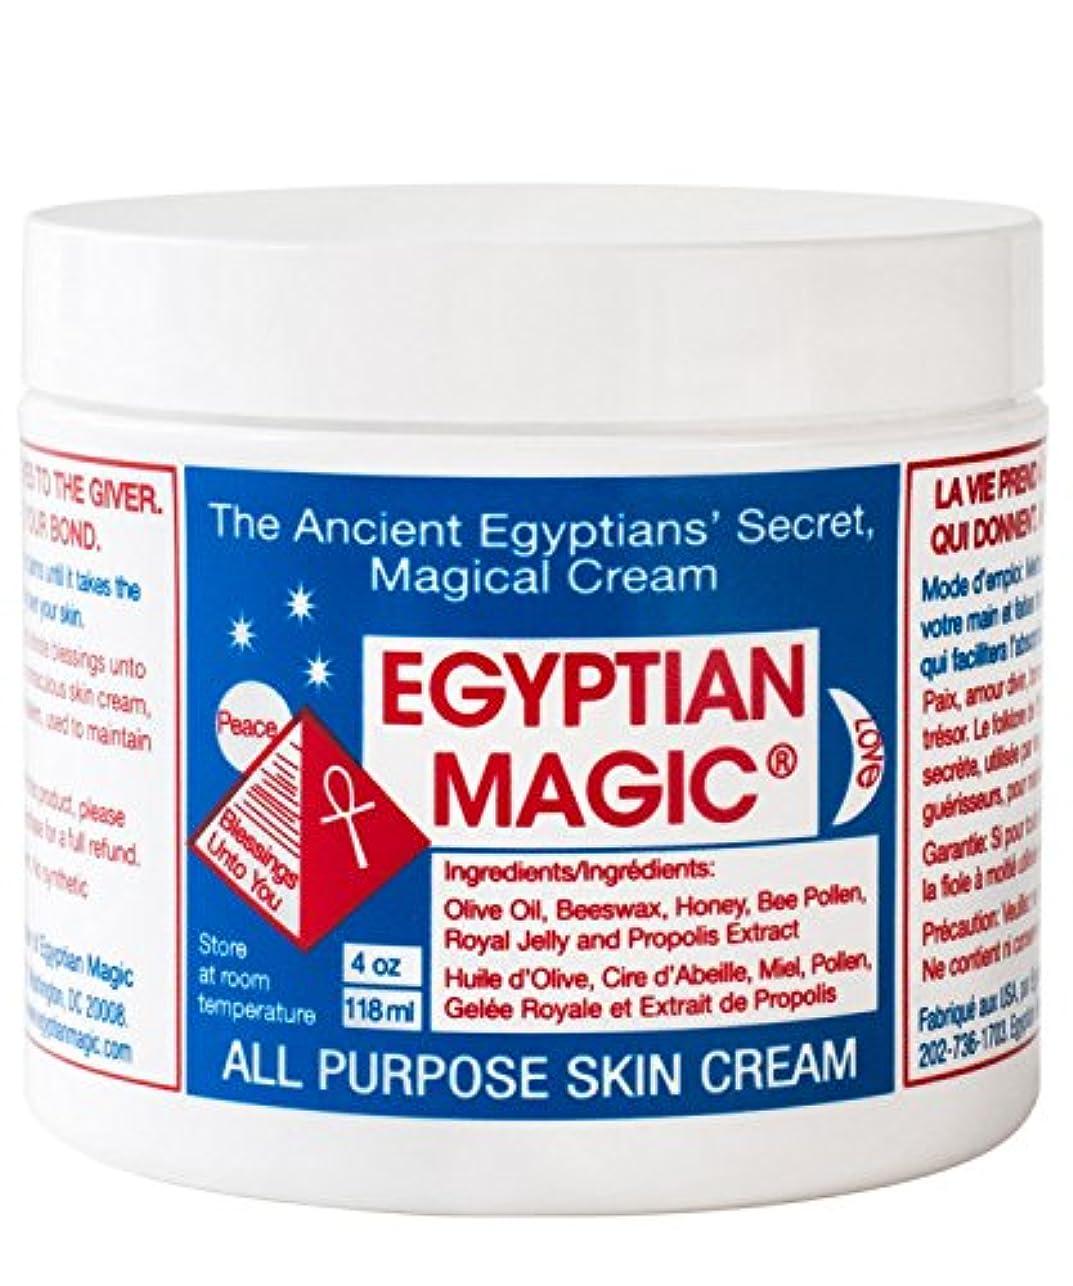 脱臼する発音ロータリーエジプトの魔法の万能スキンクリーム118ミリリットル x4 - Egyptian Magic All Purpose Skin Cream 118ml (Pack of 4) [並行輸入品]